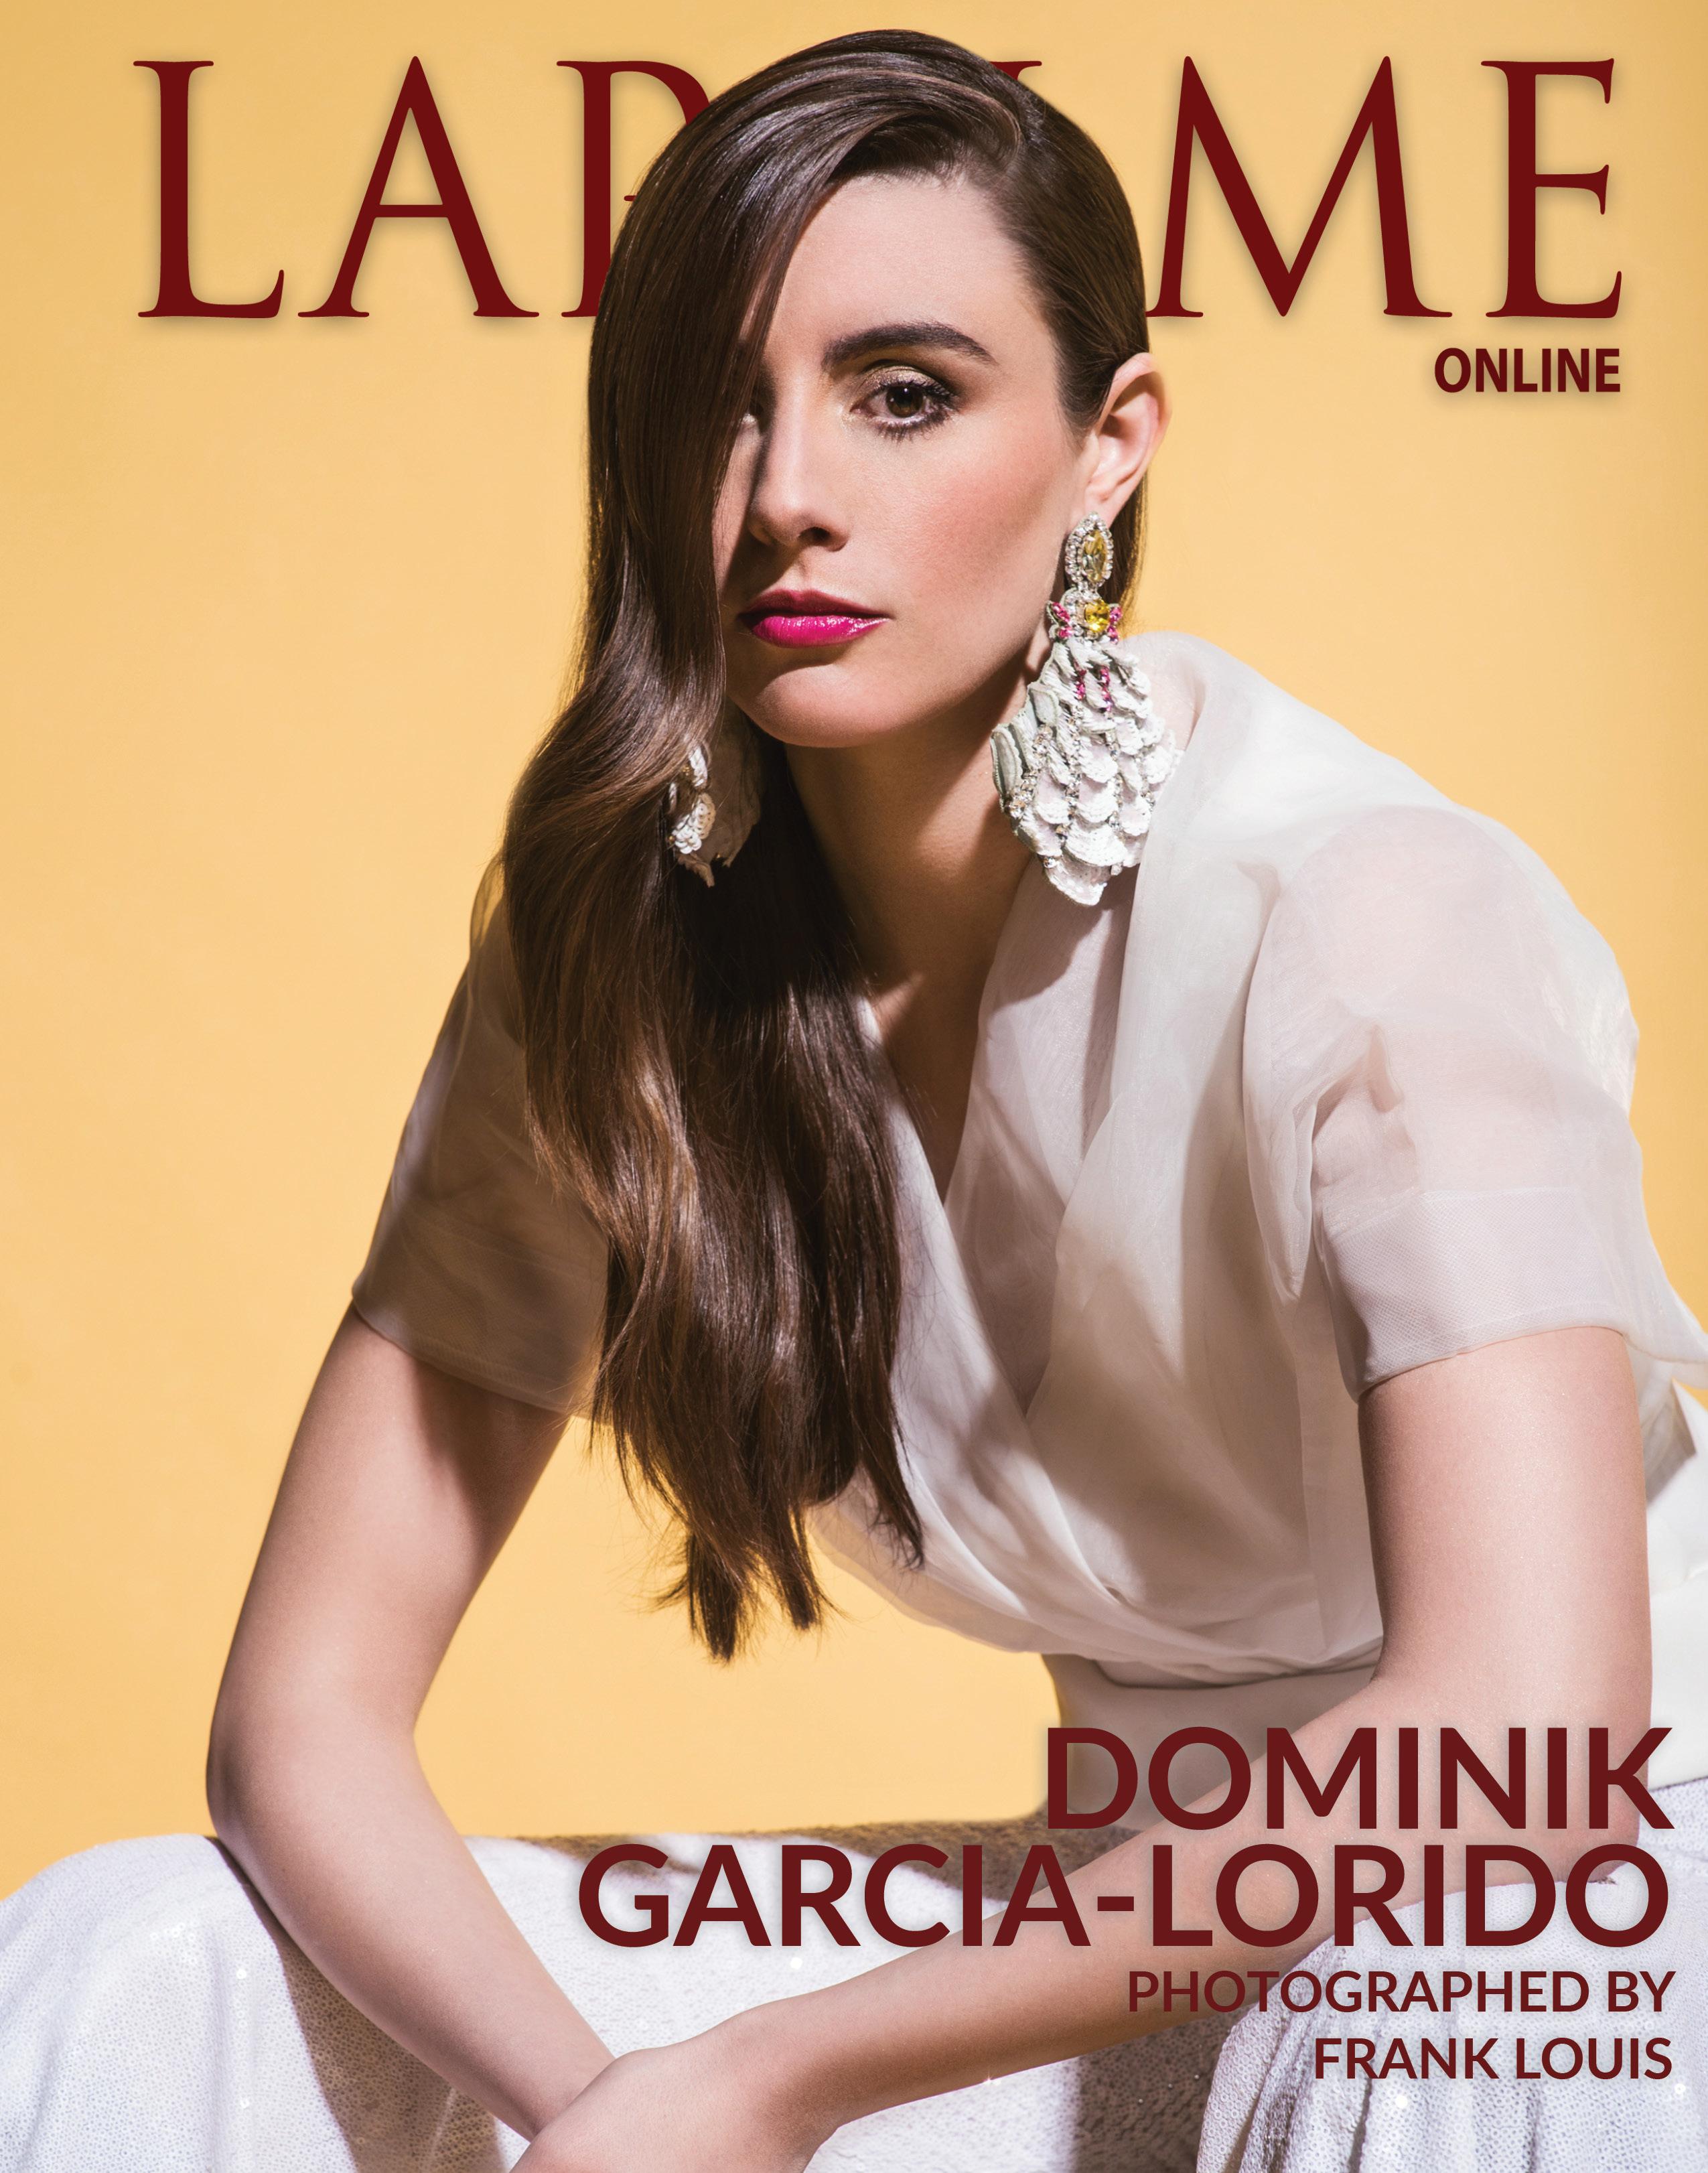 Dominik Garcia-Lorido